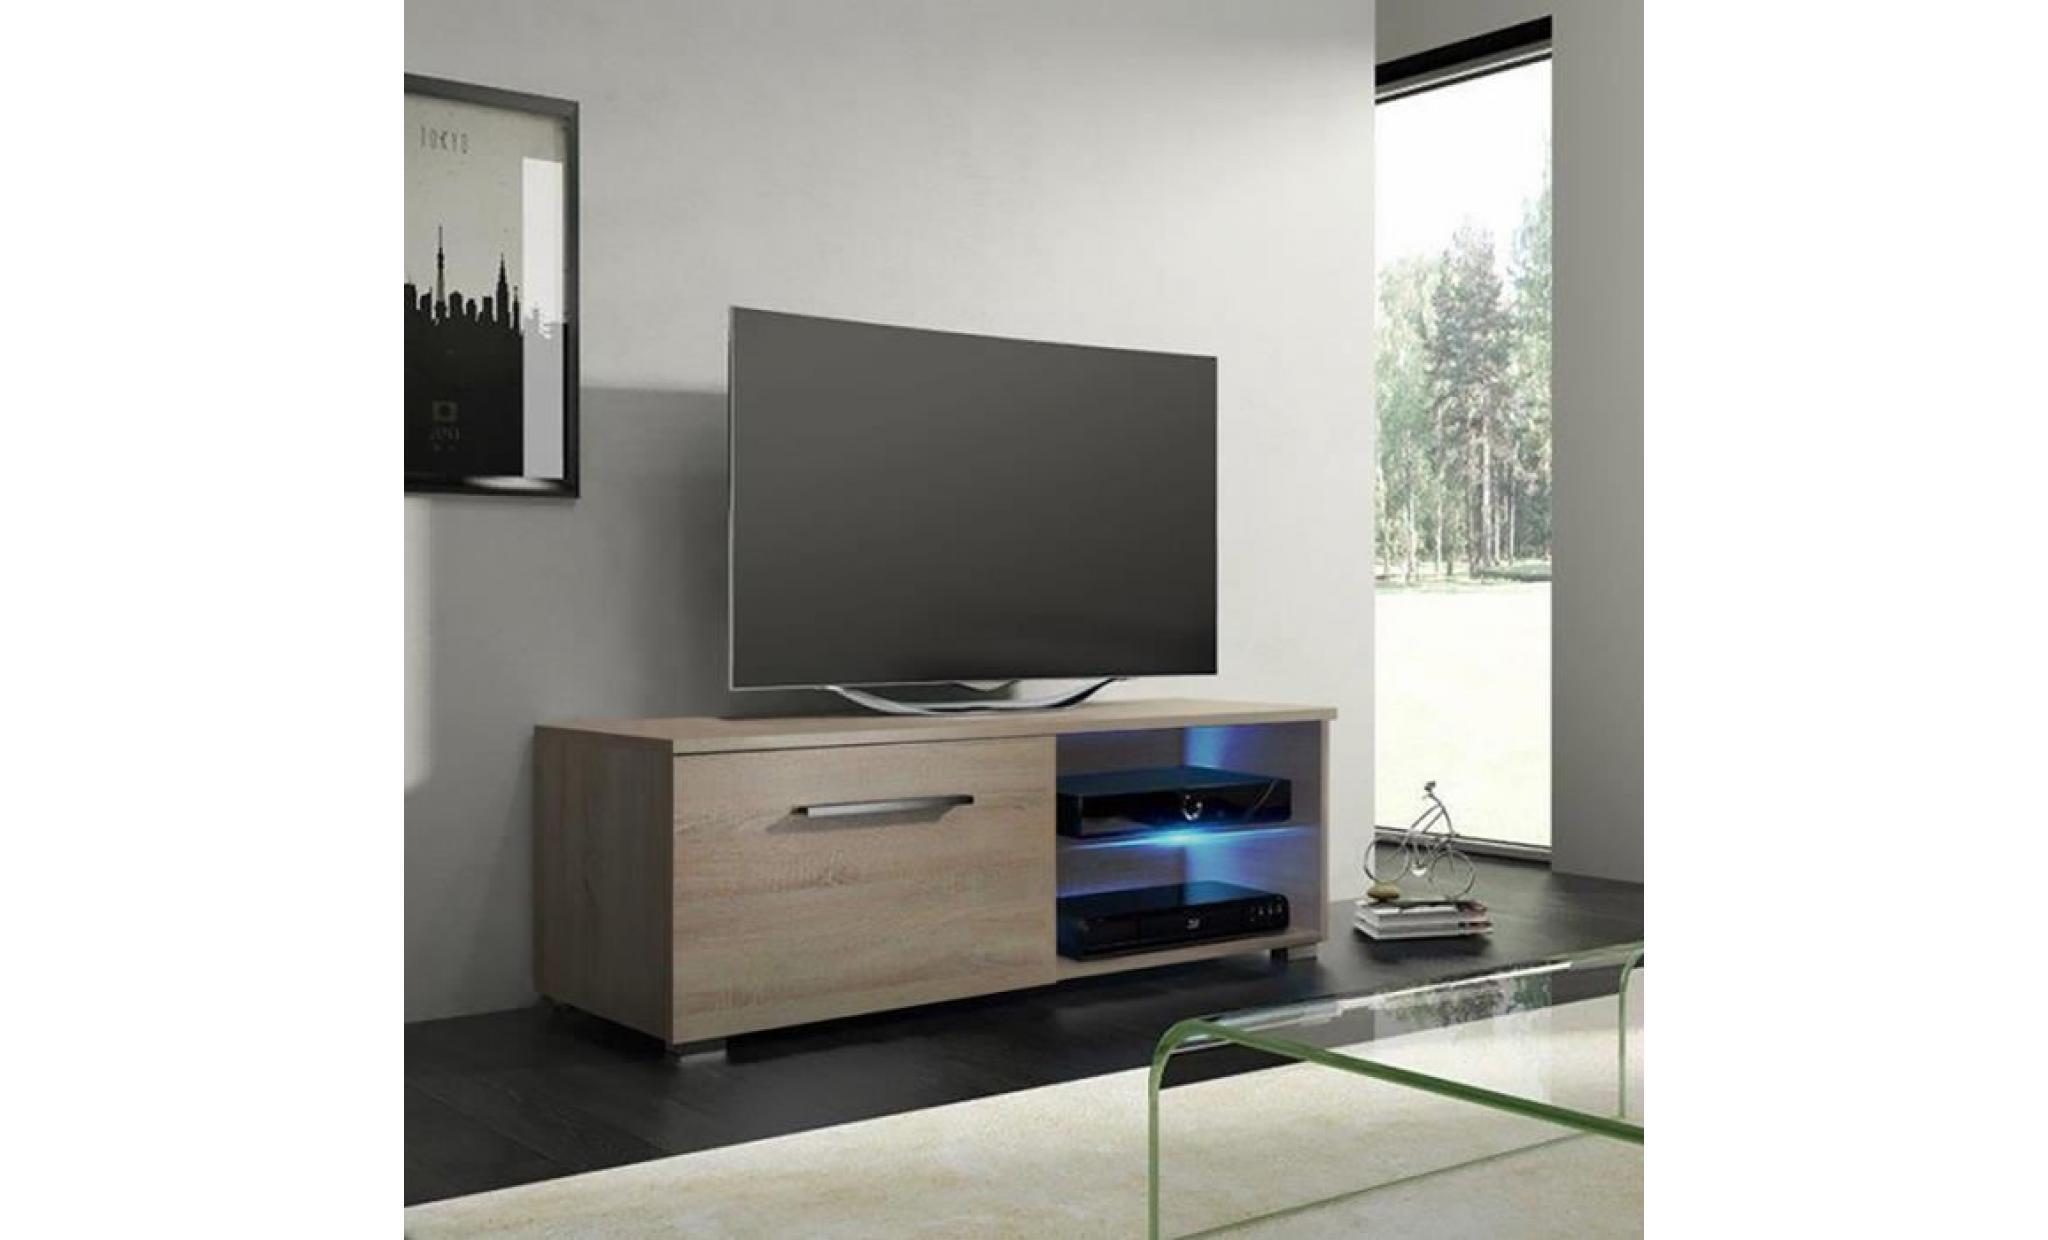 meuble tv meuble salon tenus single 100 cm effet chene avec led 2 compartiments ouverts style classique achat vente meuble tv pas cher couleur et design fr